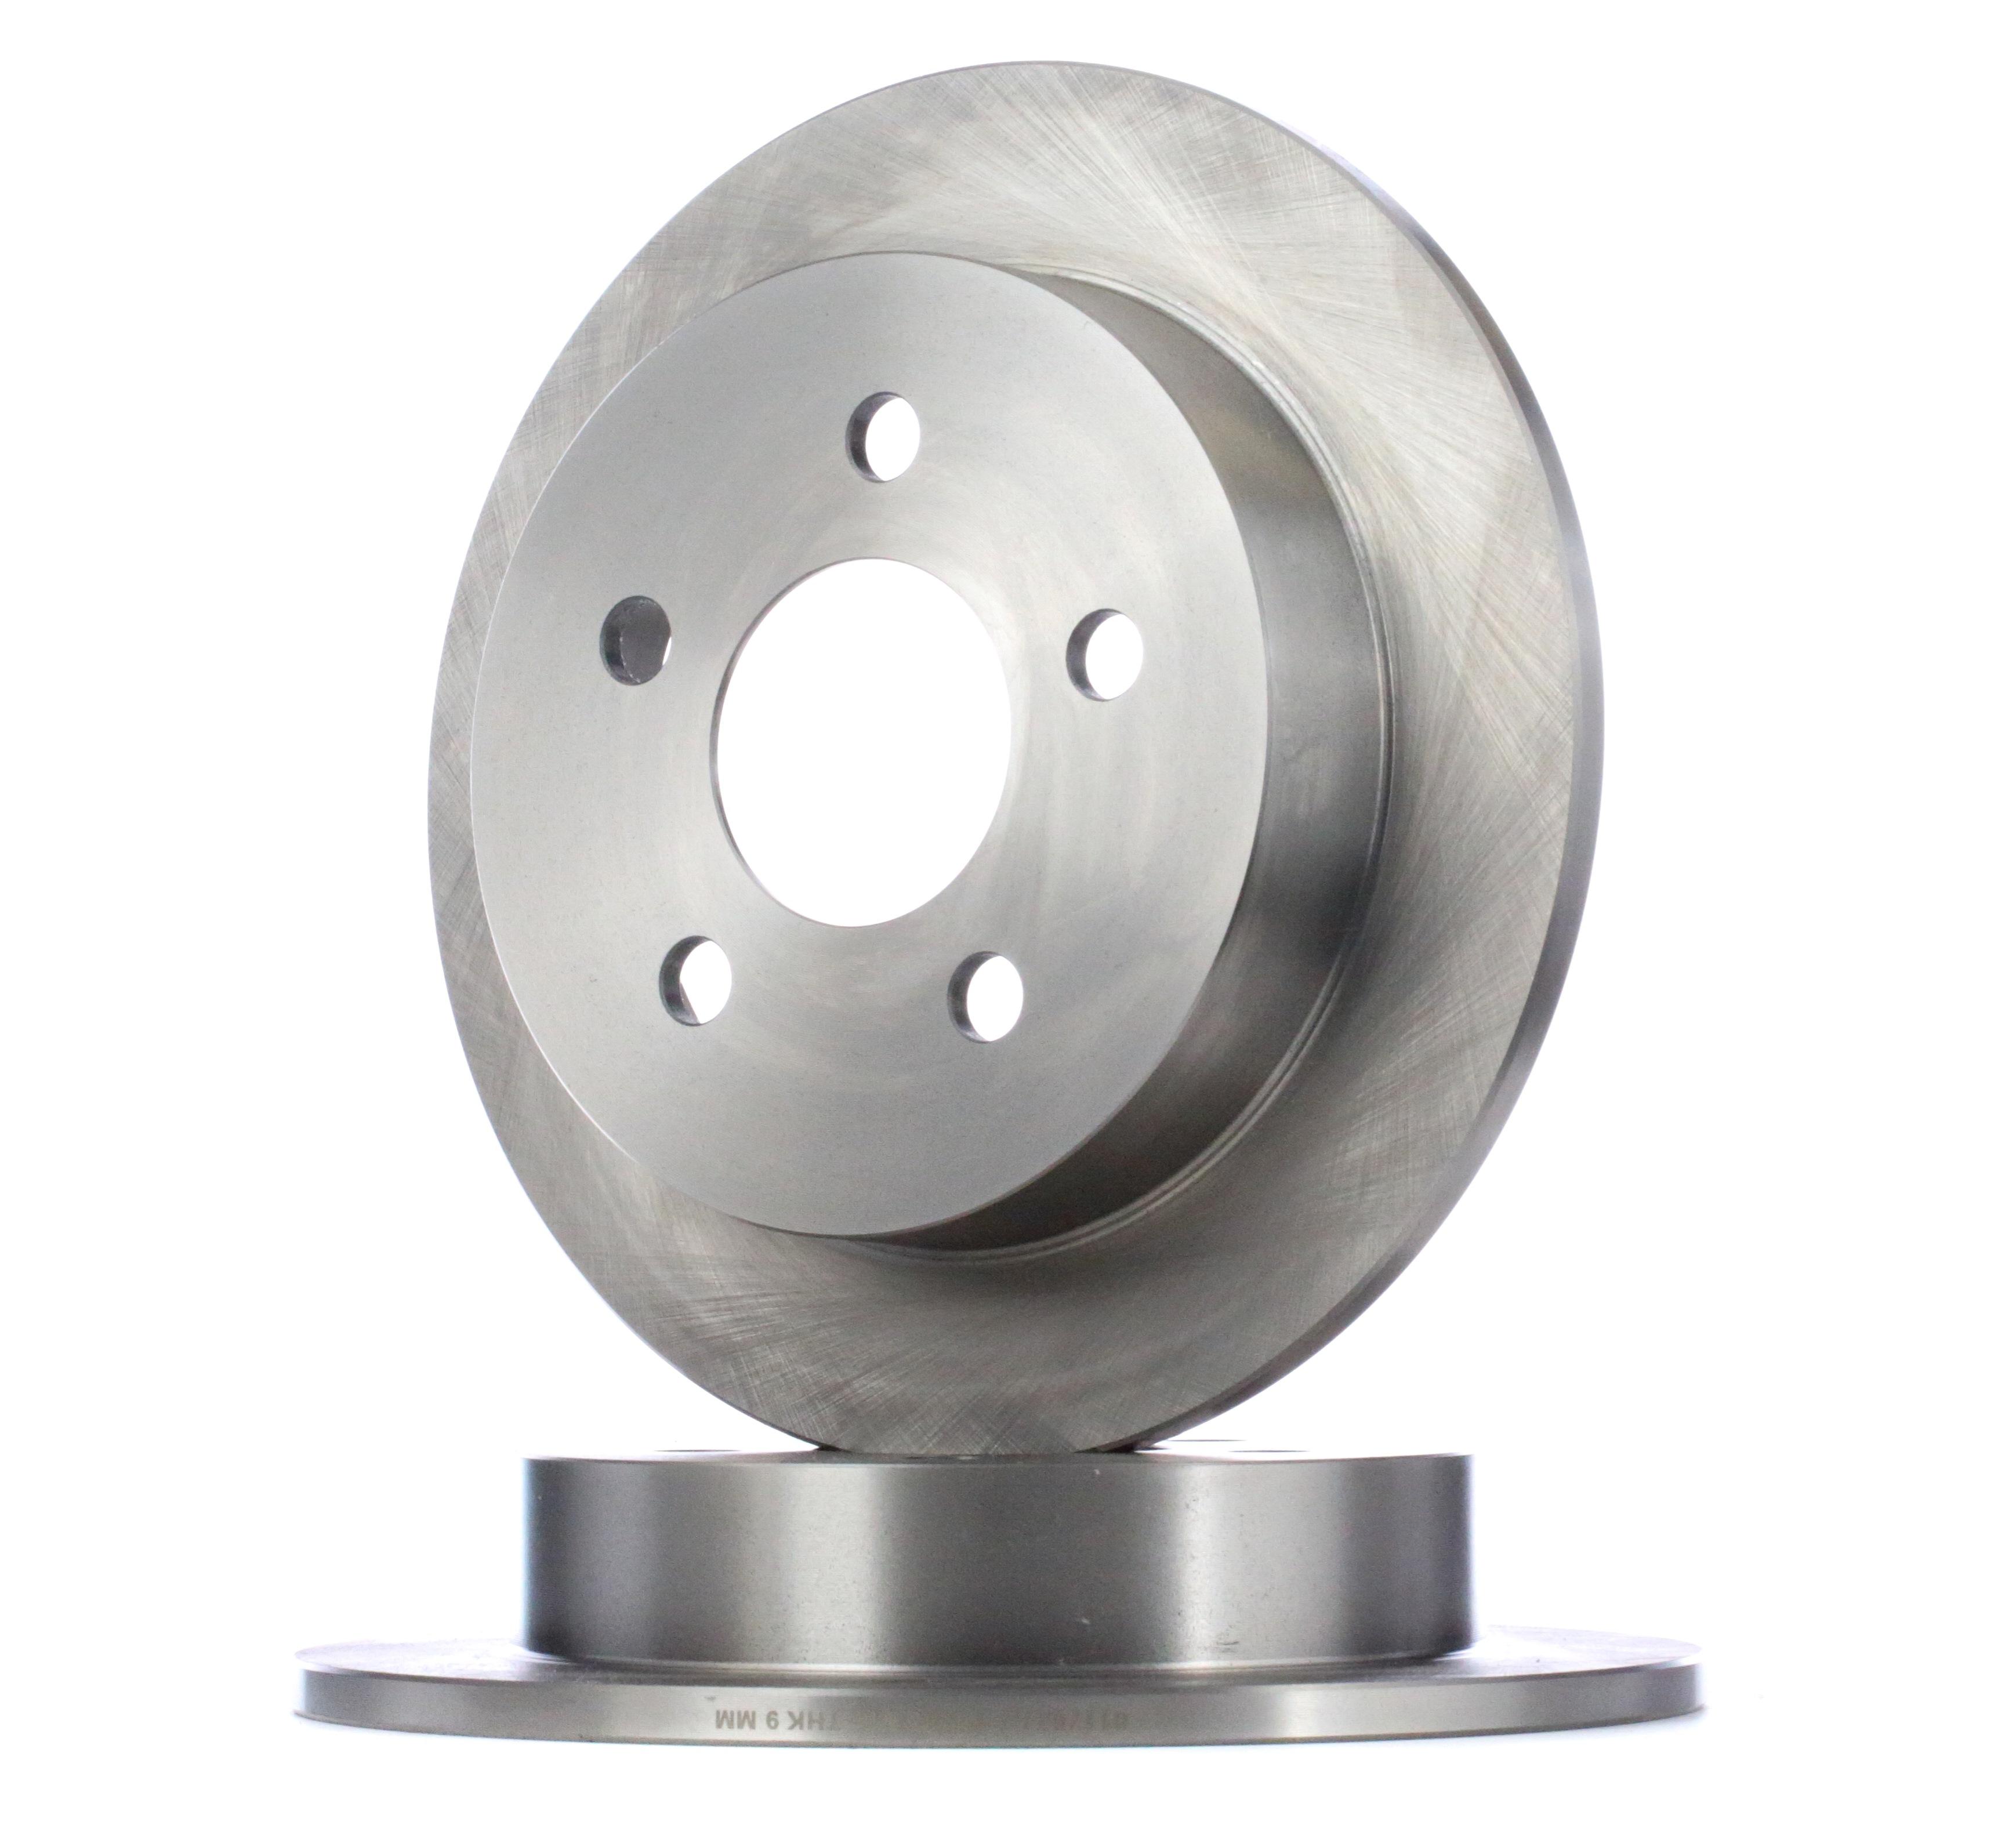 CHEVROLET CAPRICE 2001 Bremsscheiben - Original STARK SKBD-0022914 Ø: 278mm, Bremsscheibendicke: 11,0mm